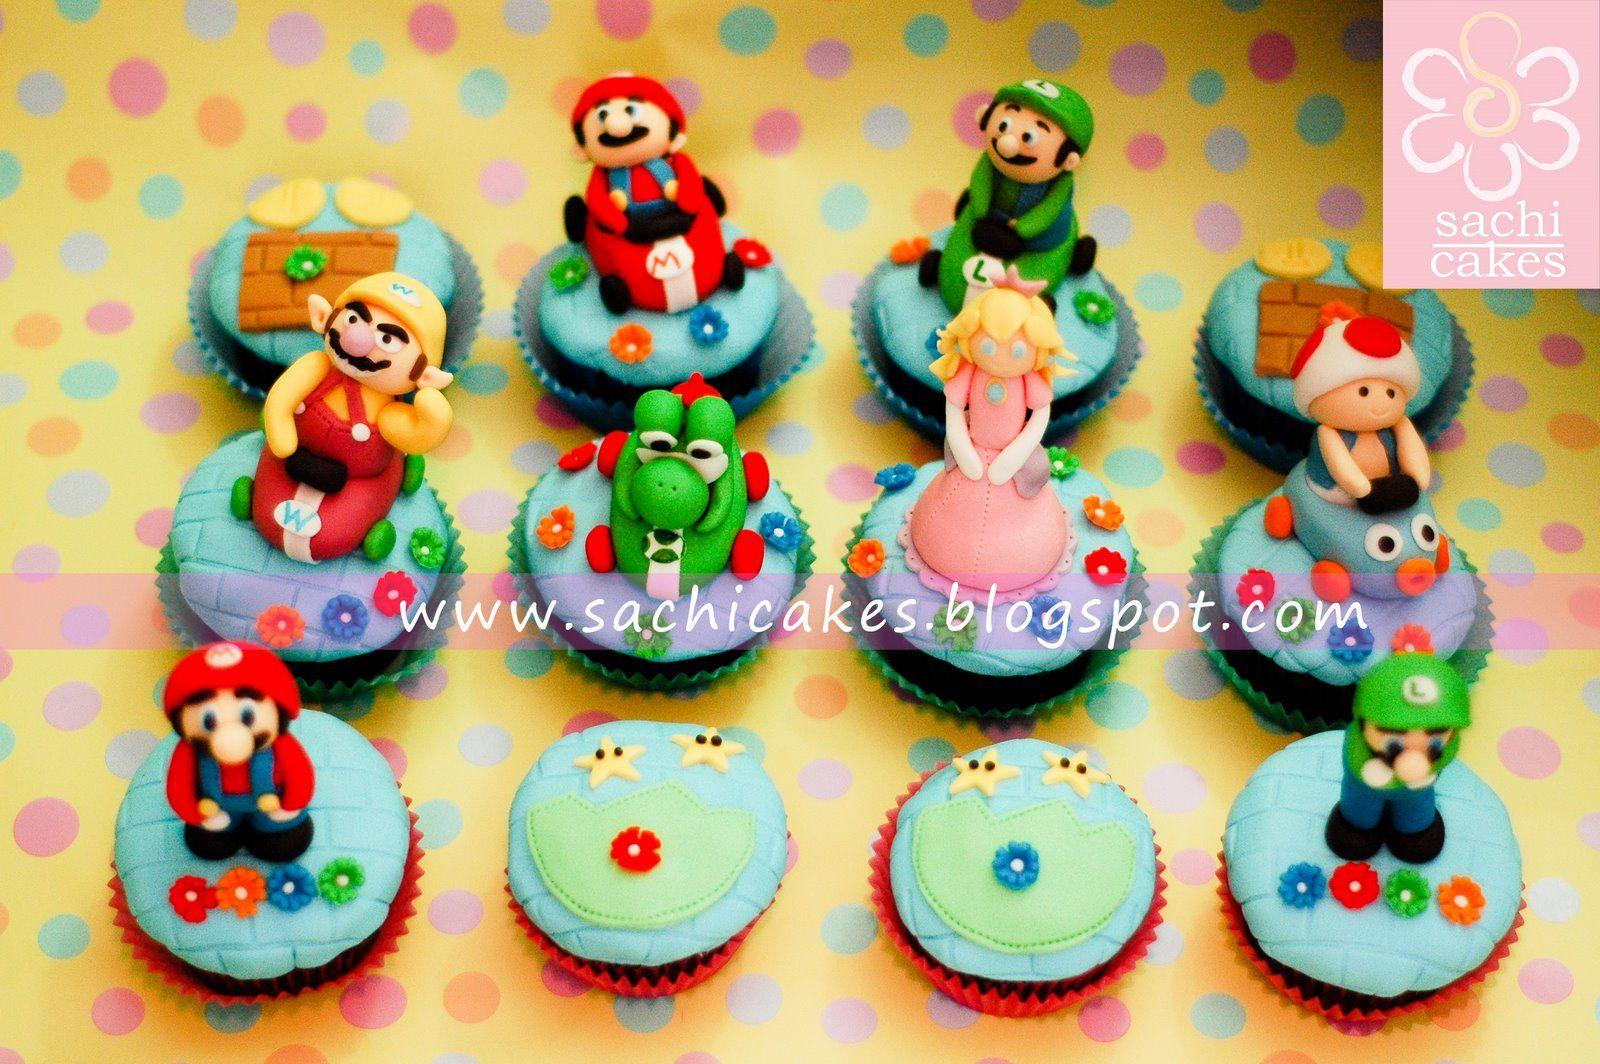 super mario game cupcakes | T55. Geek | Pinterest | Cake kids, Cake ...